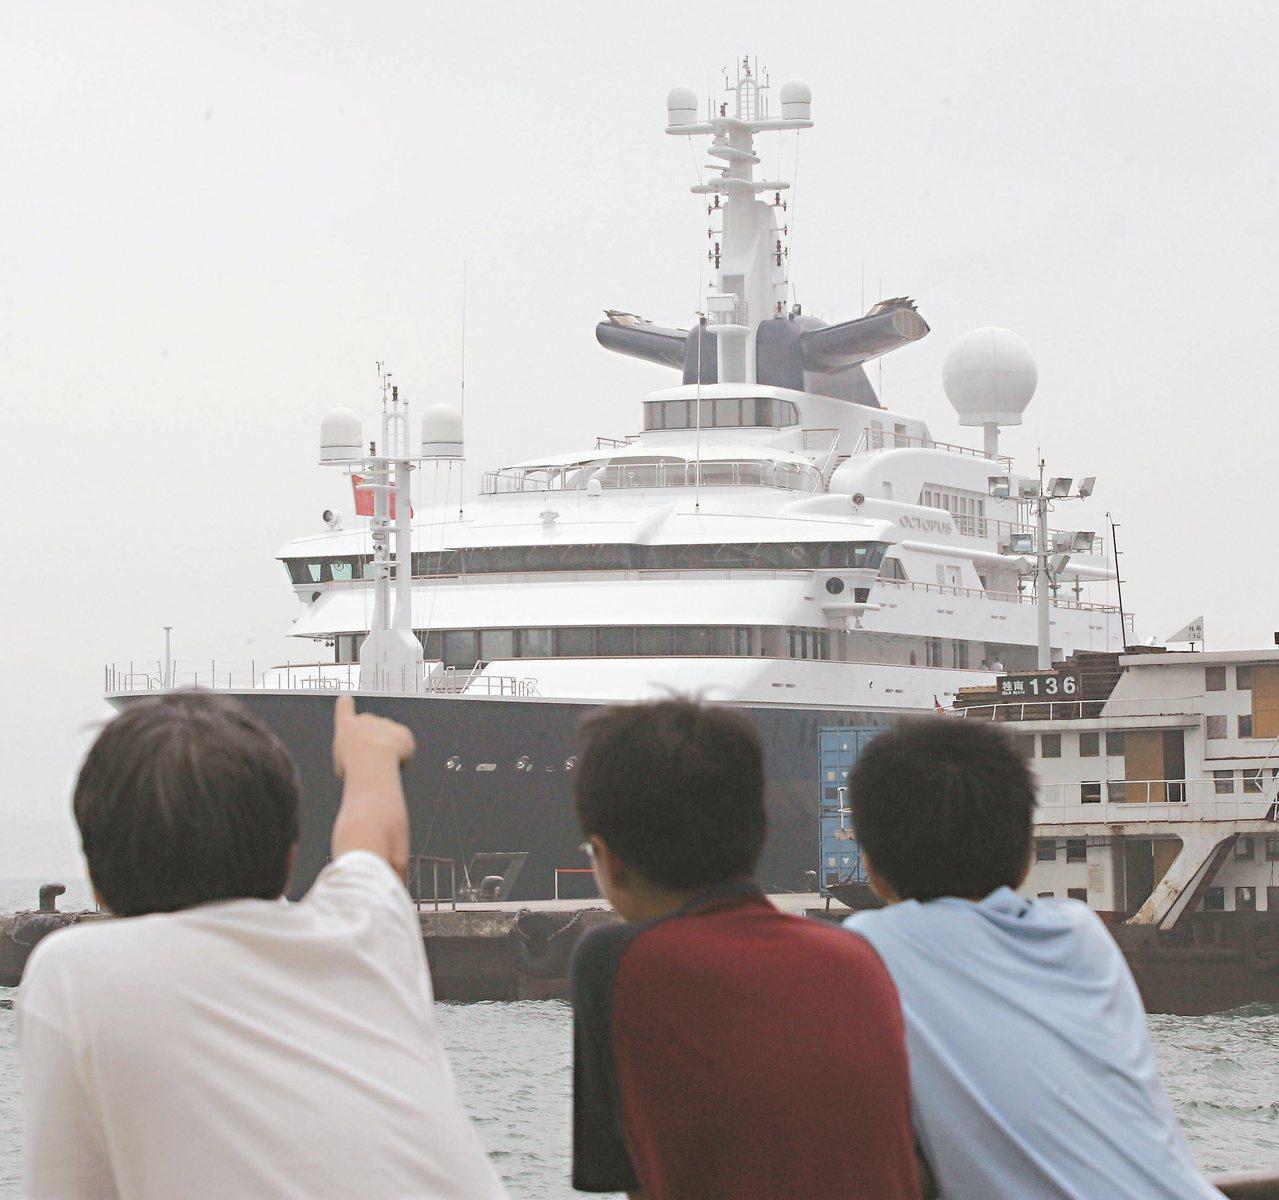 微軟創辦人艾倫價值約台幣77億元的超級遊艇「章魚號」停靠在香港。 (法新社)